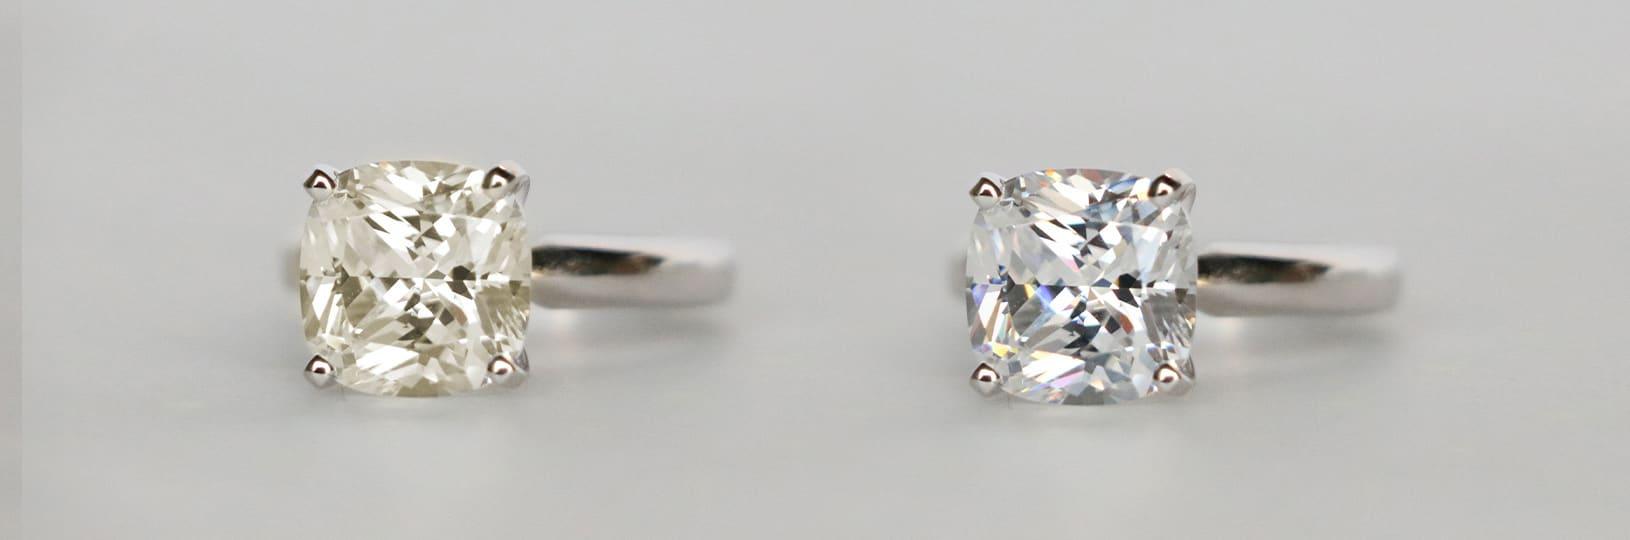 Image comparing diamond color